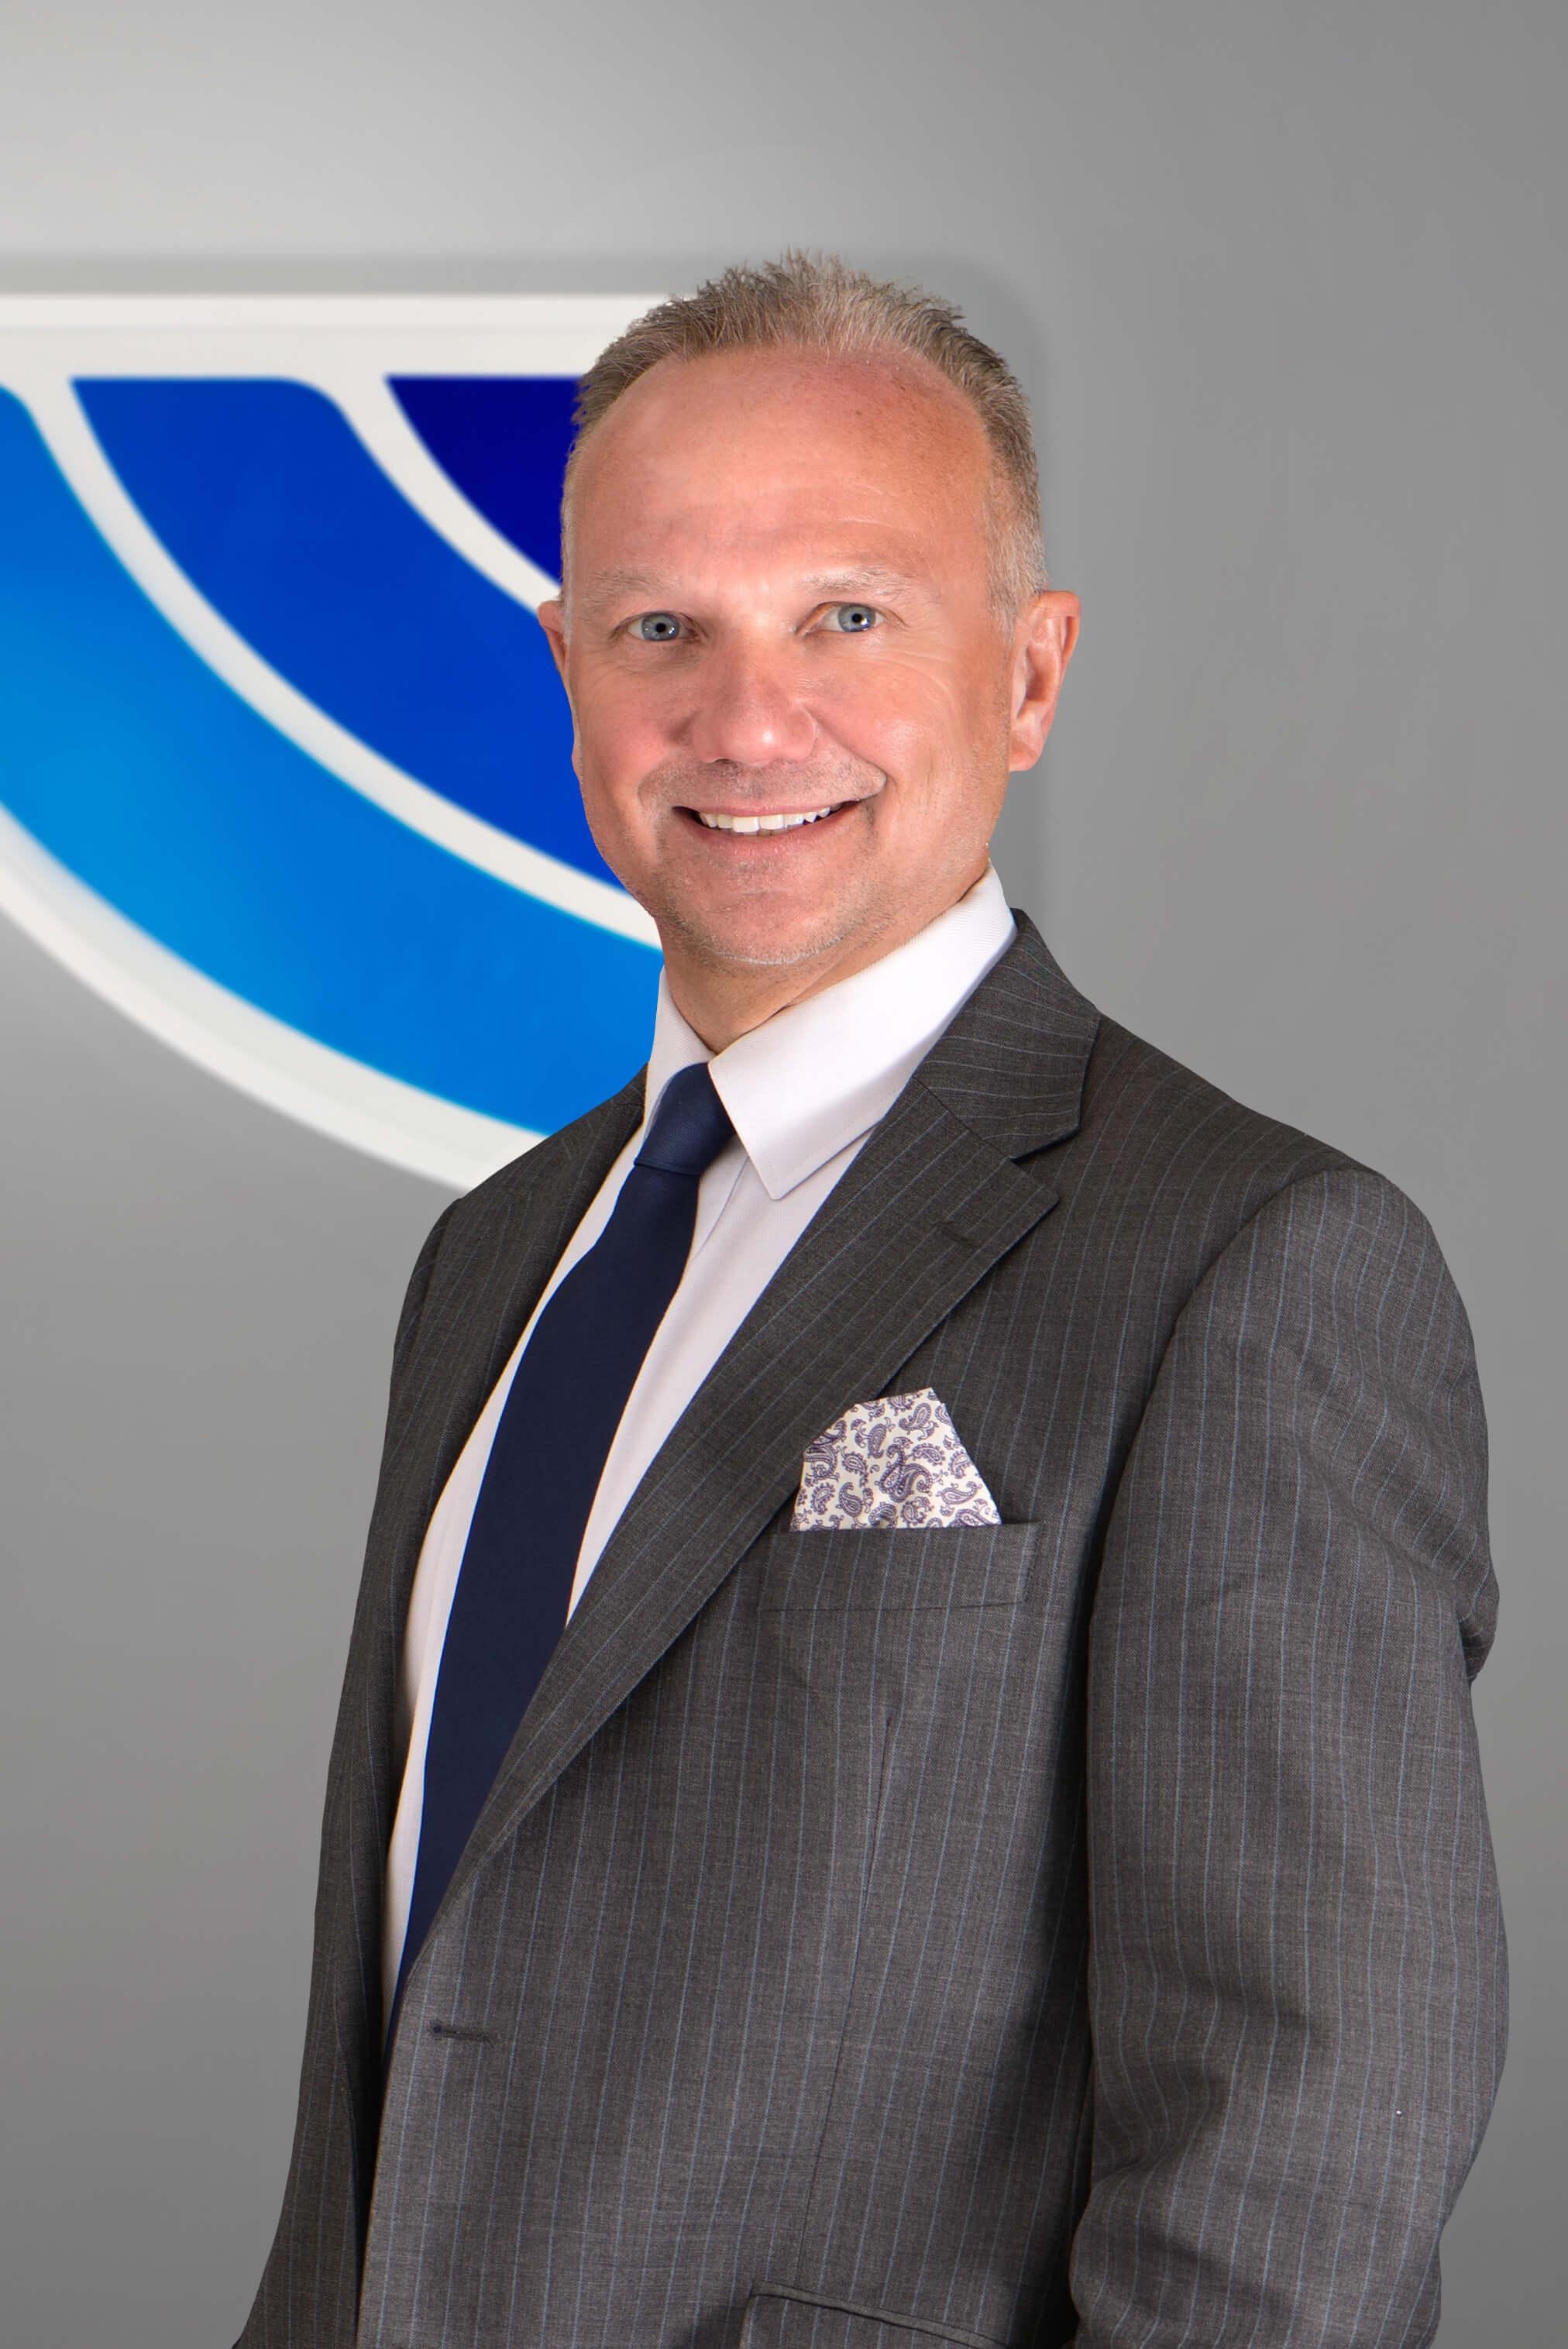 David Mintrim